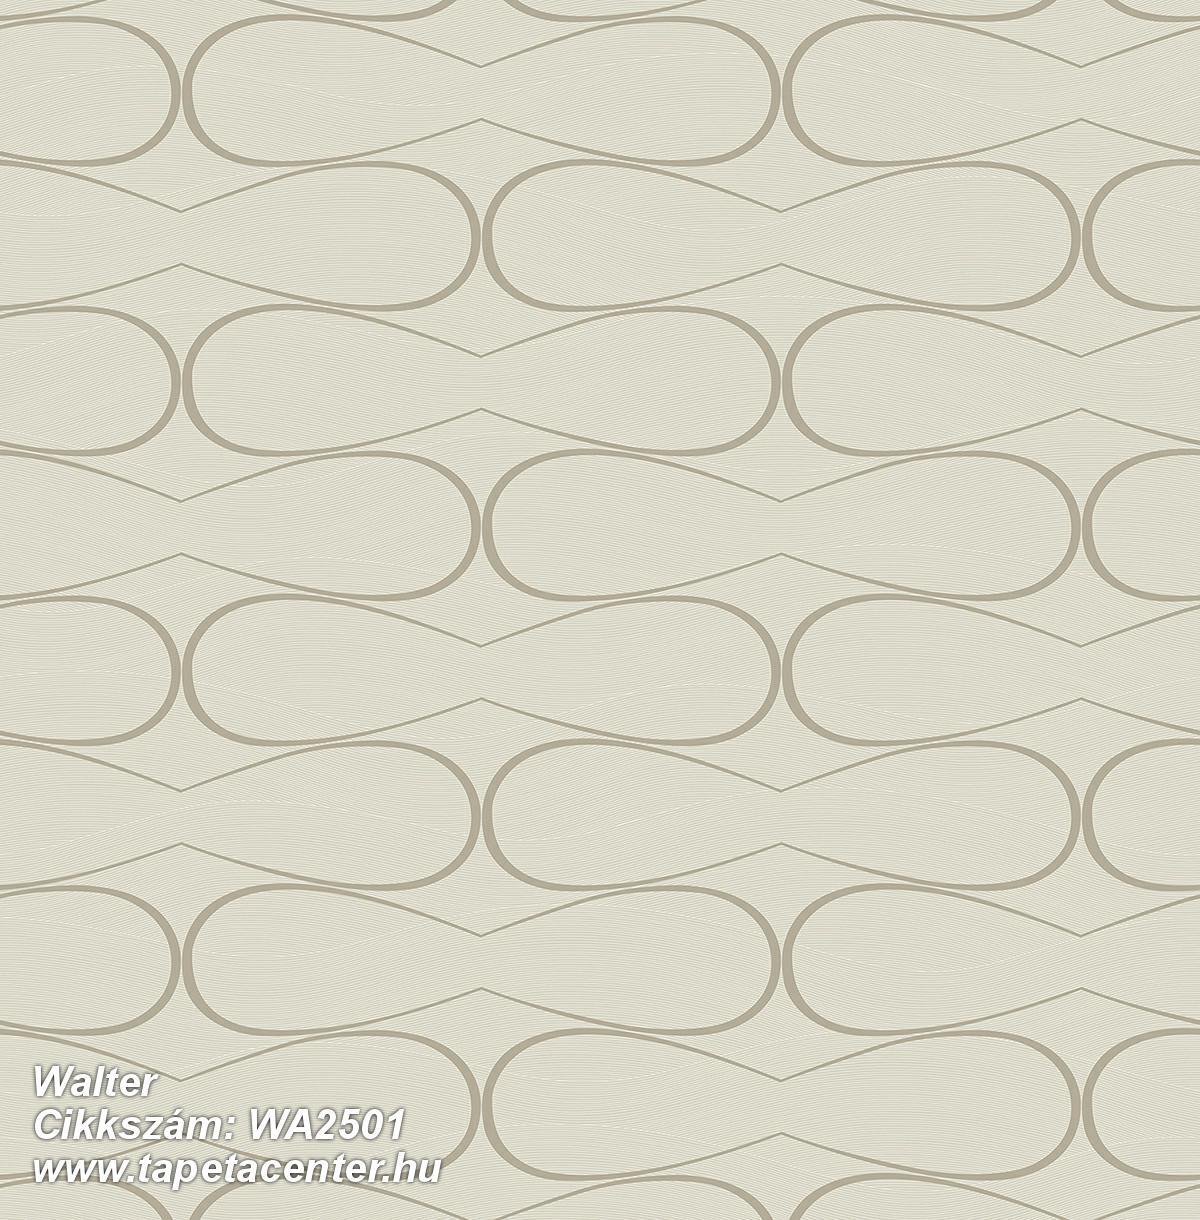 Absztrakt,geometriai mintás,különleges felületű,arany,bézs-drapp,gyengén mosható,vlies tapéta